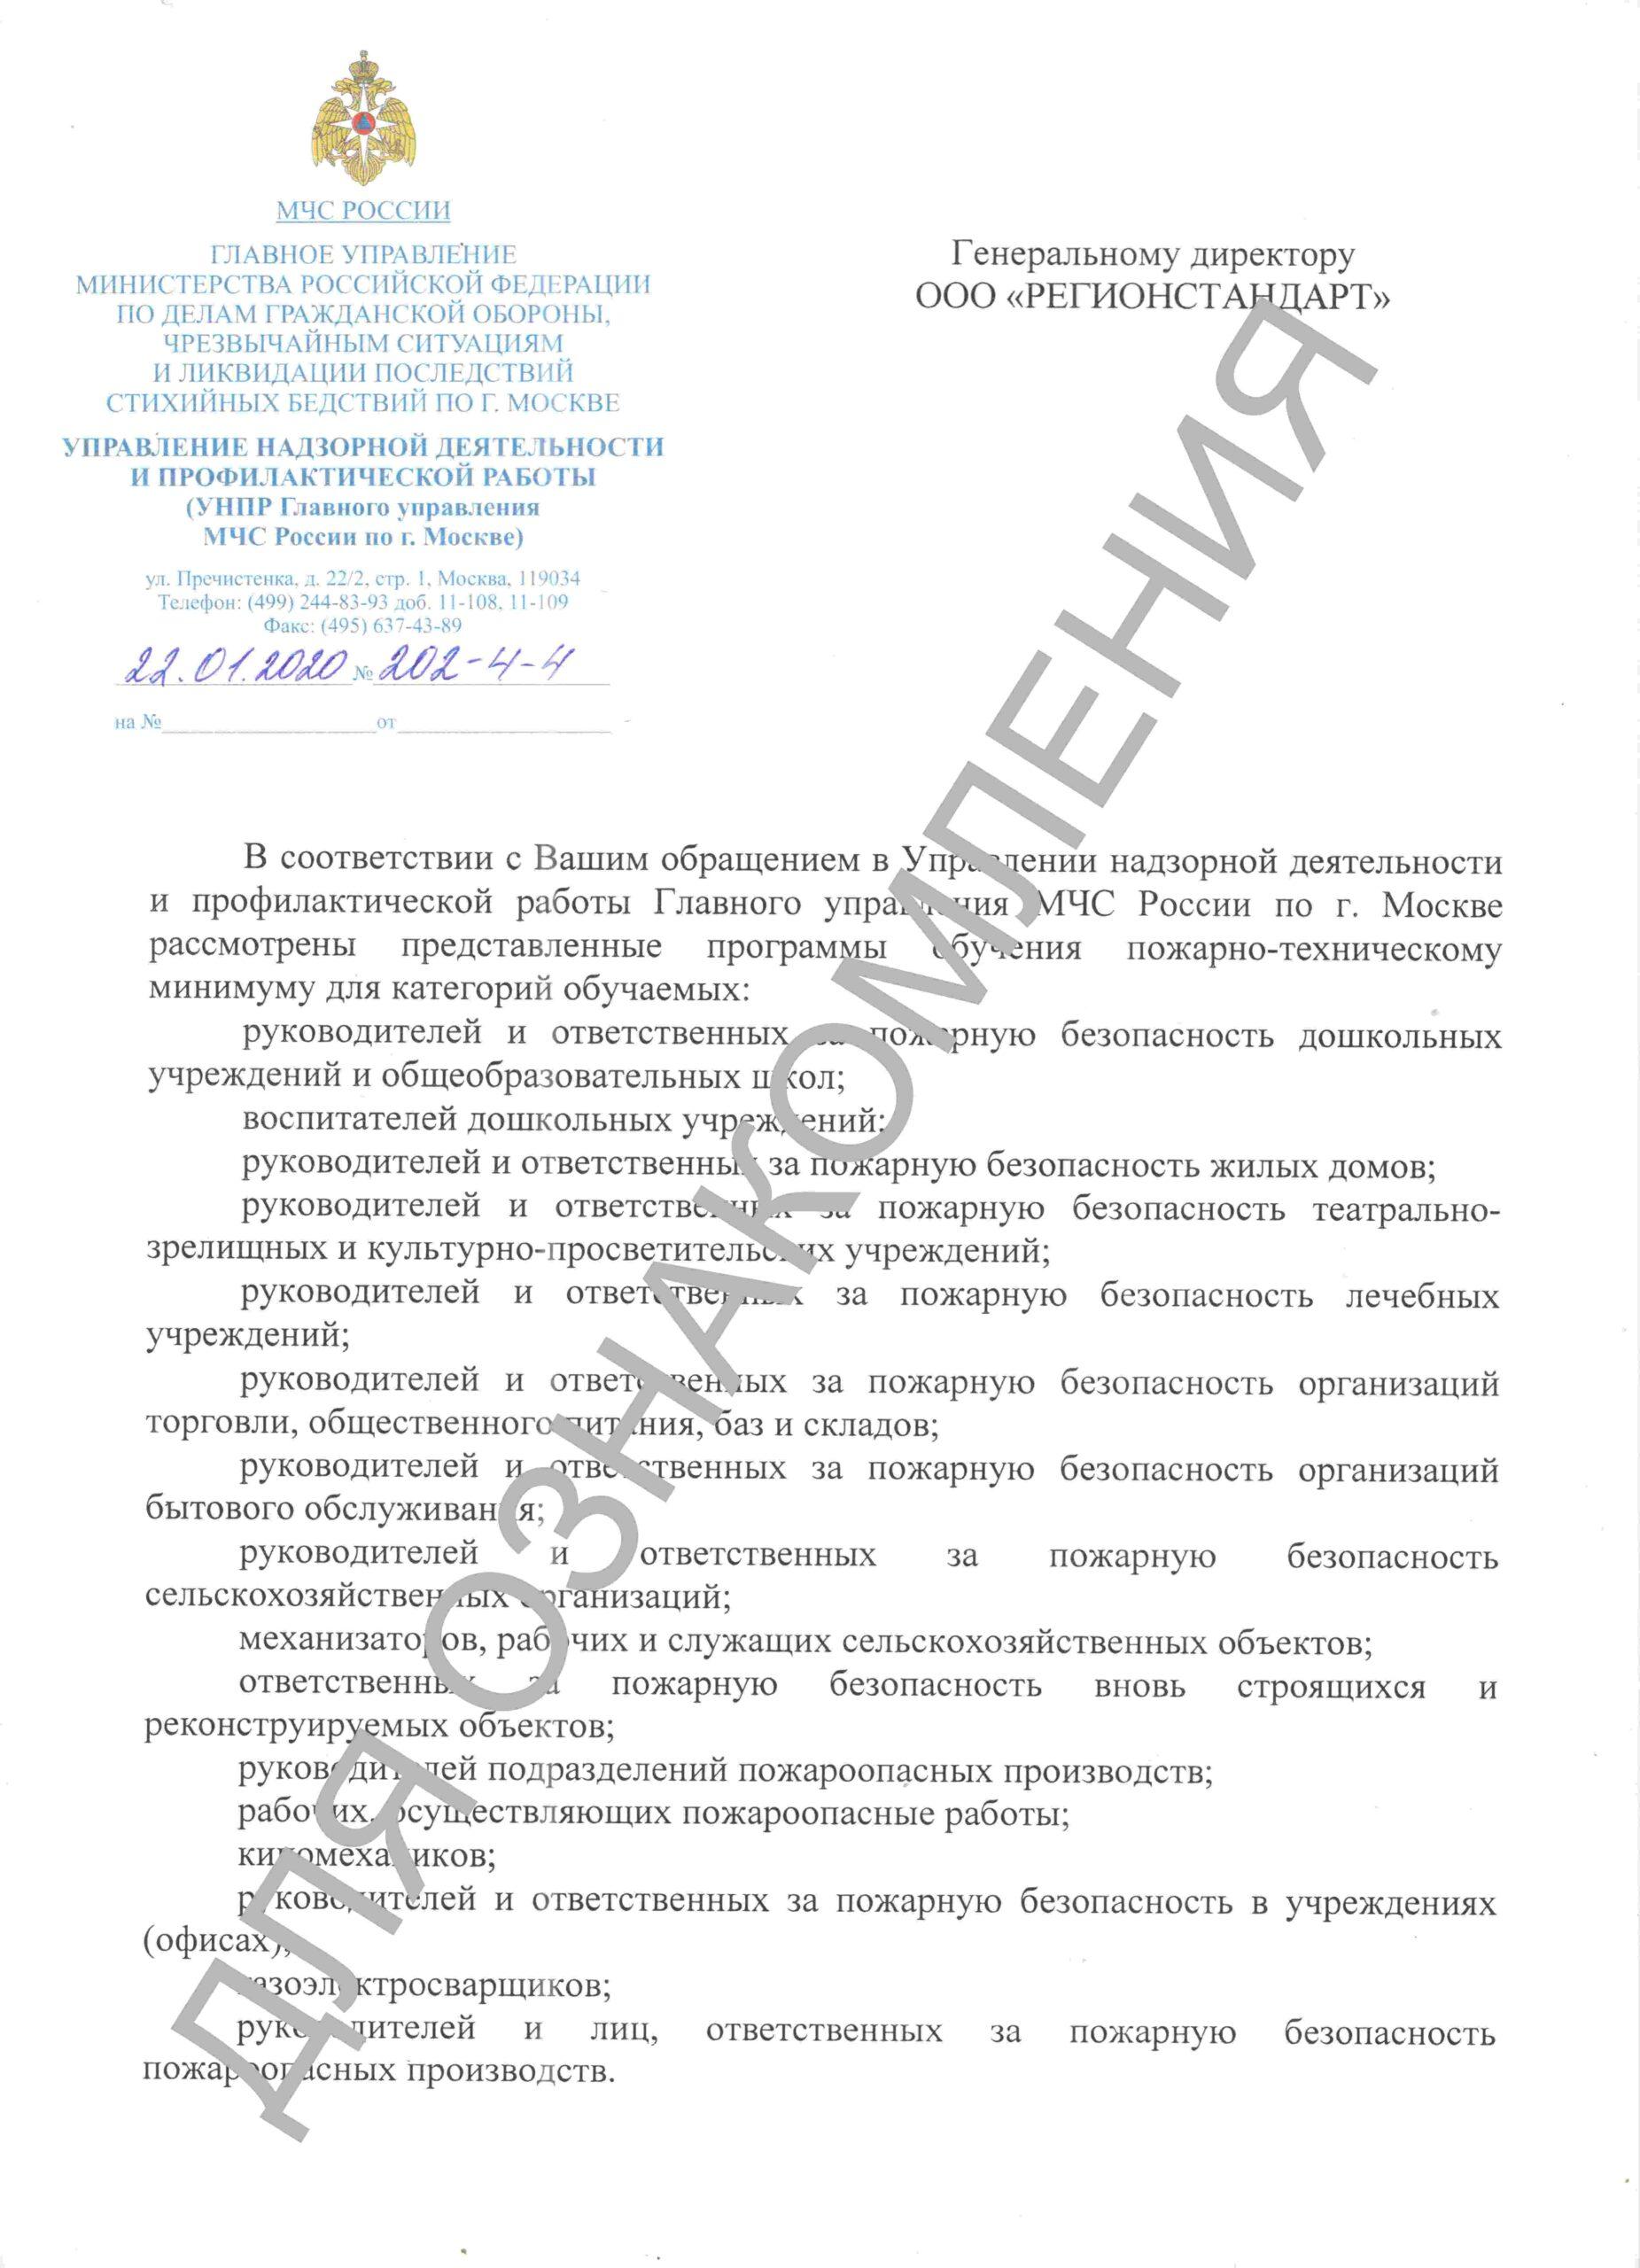 Согласование программ ПТМ с МЧС России